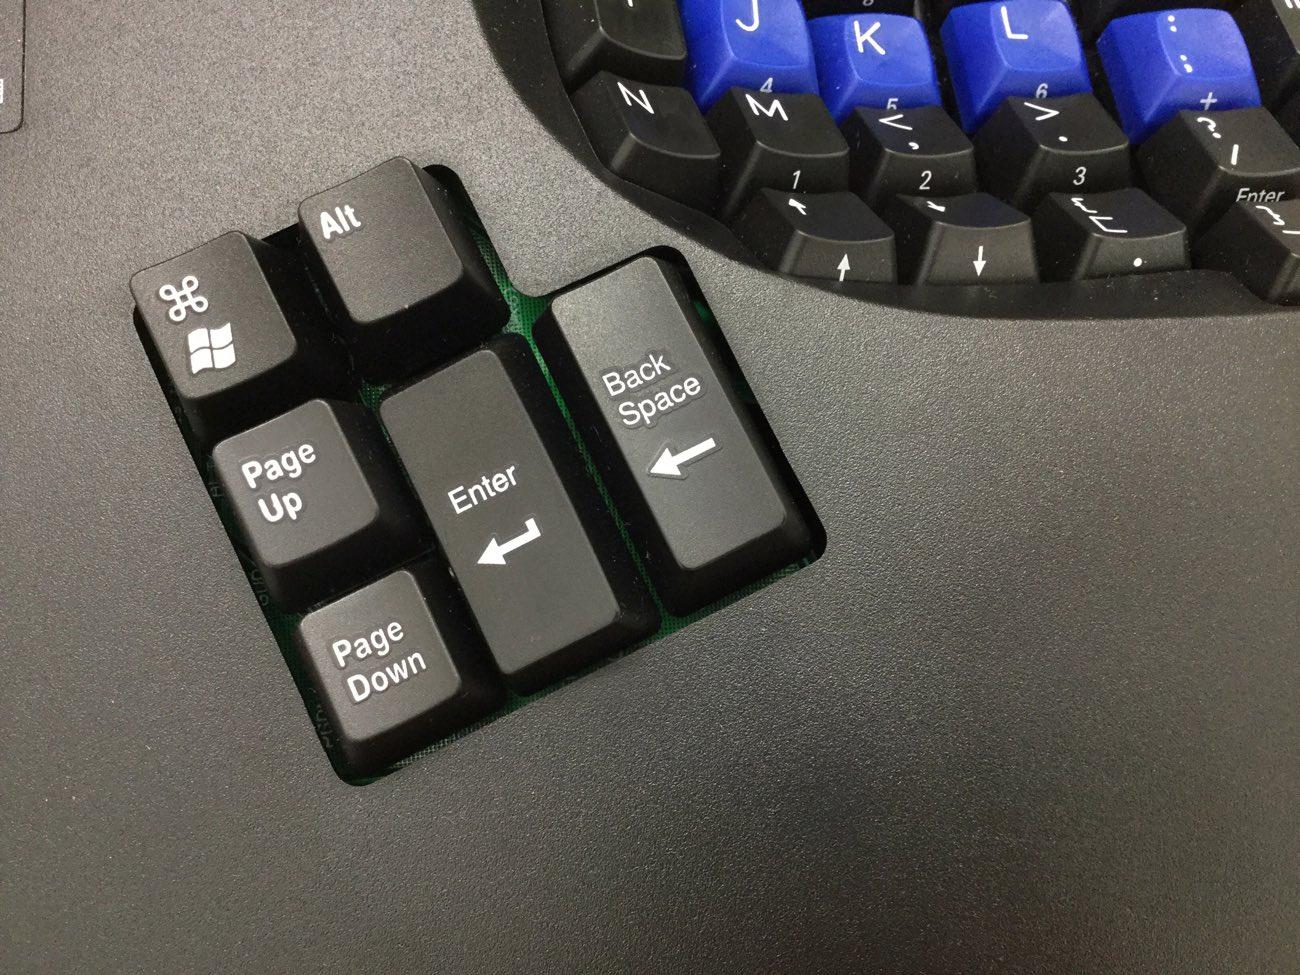 本来は小指で押すキーを親指で押す工夫